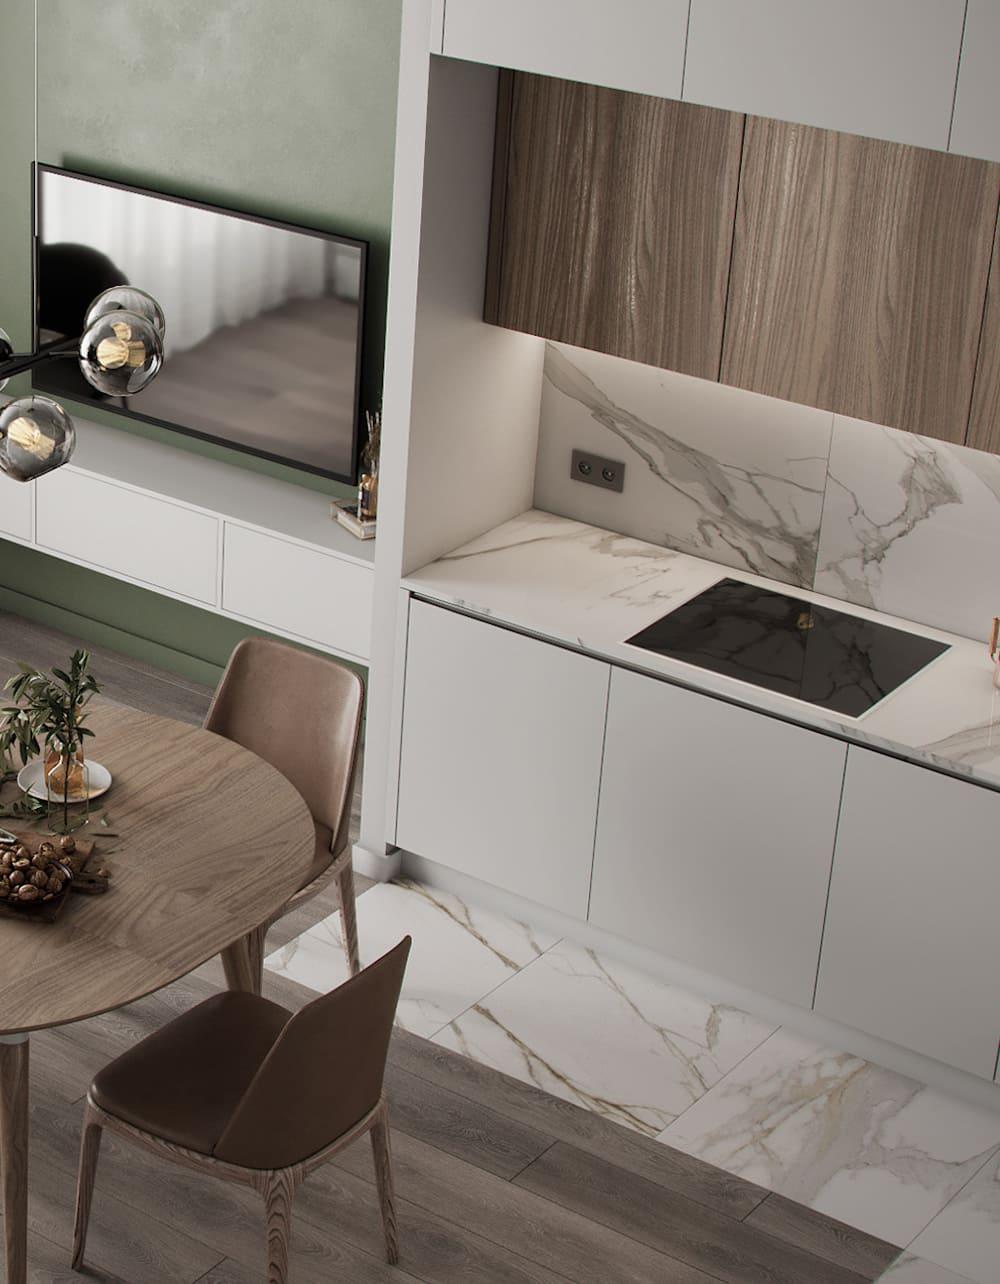 дизайн кухни в современном стиле фото 76